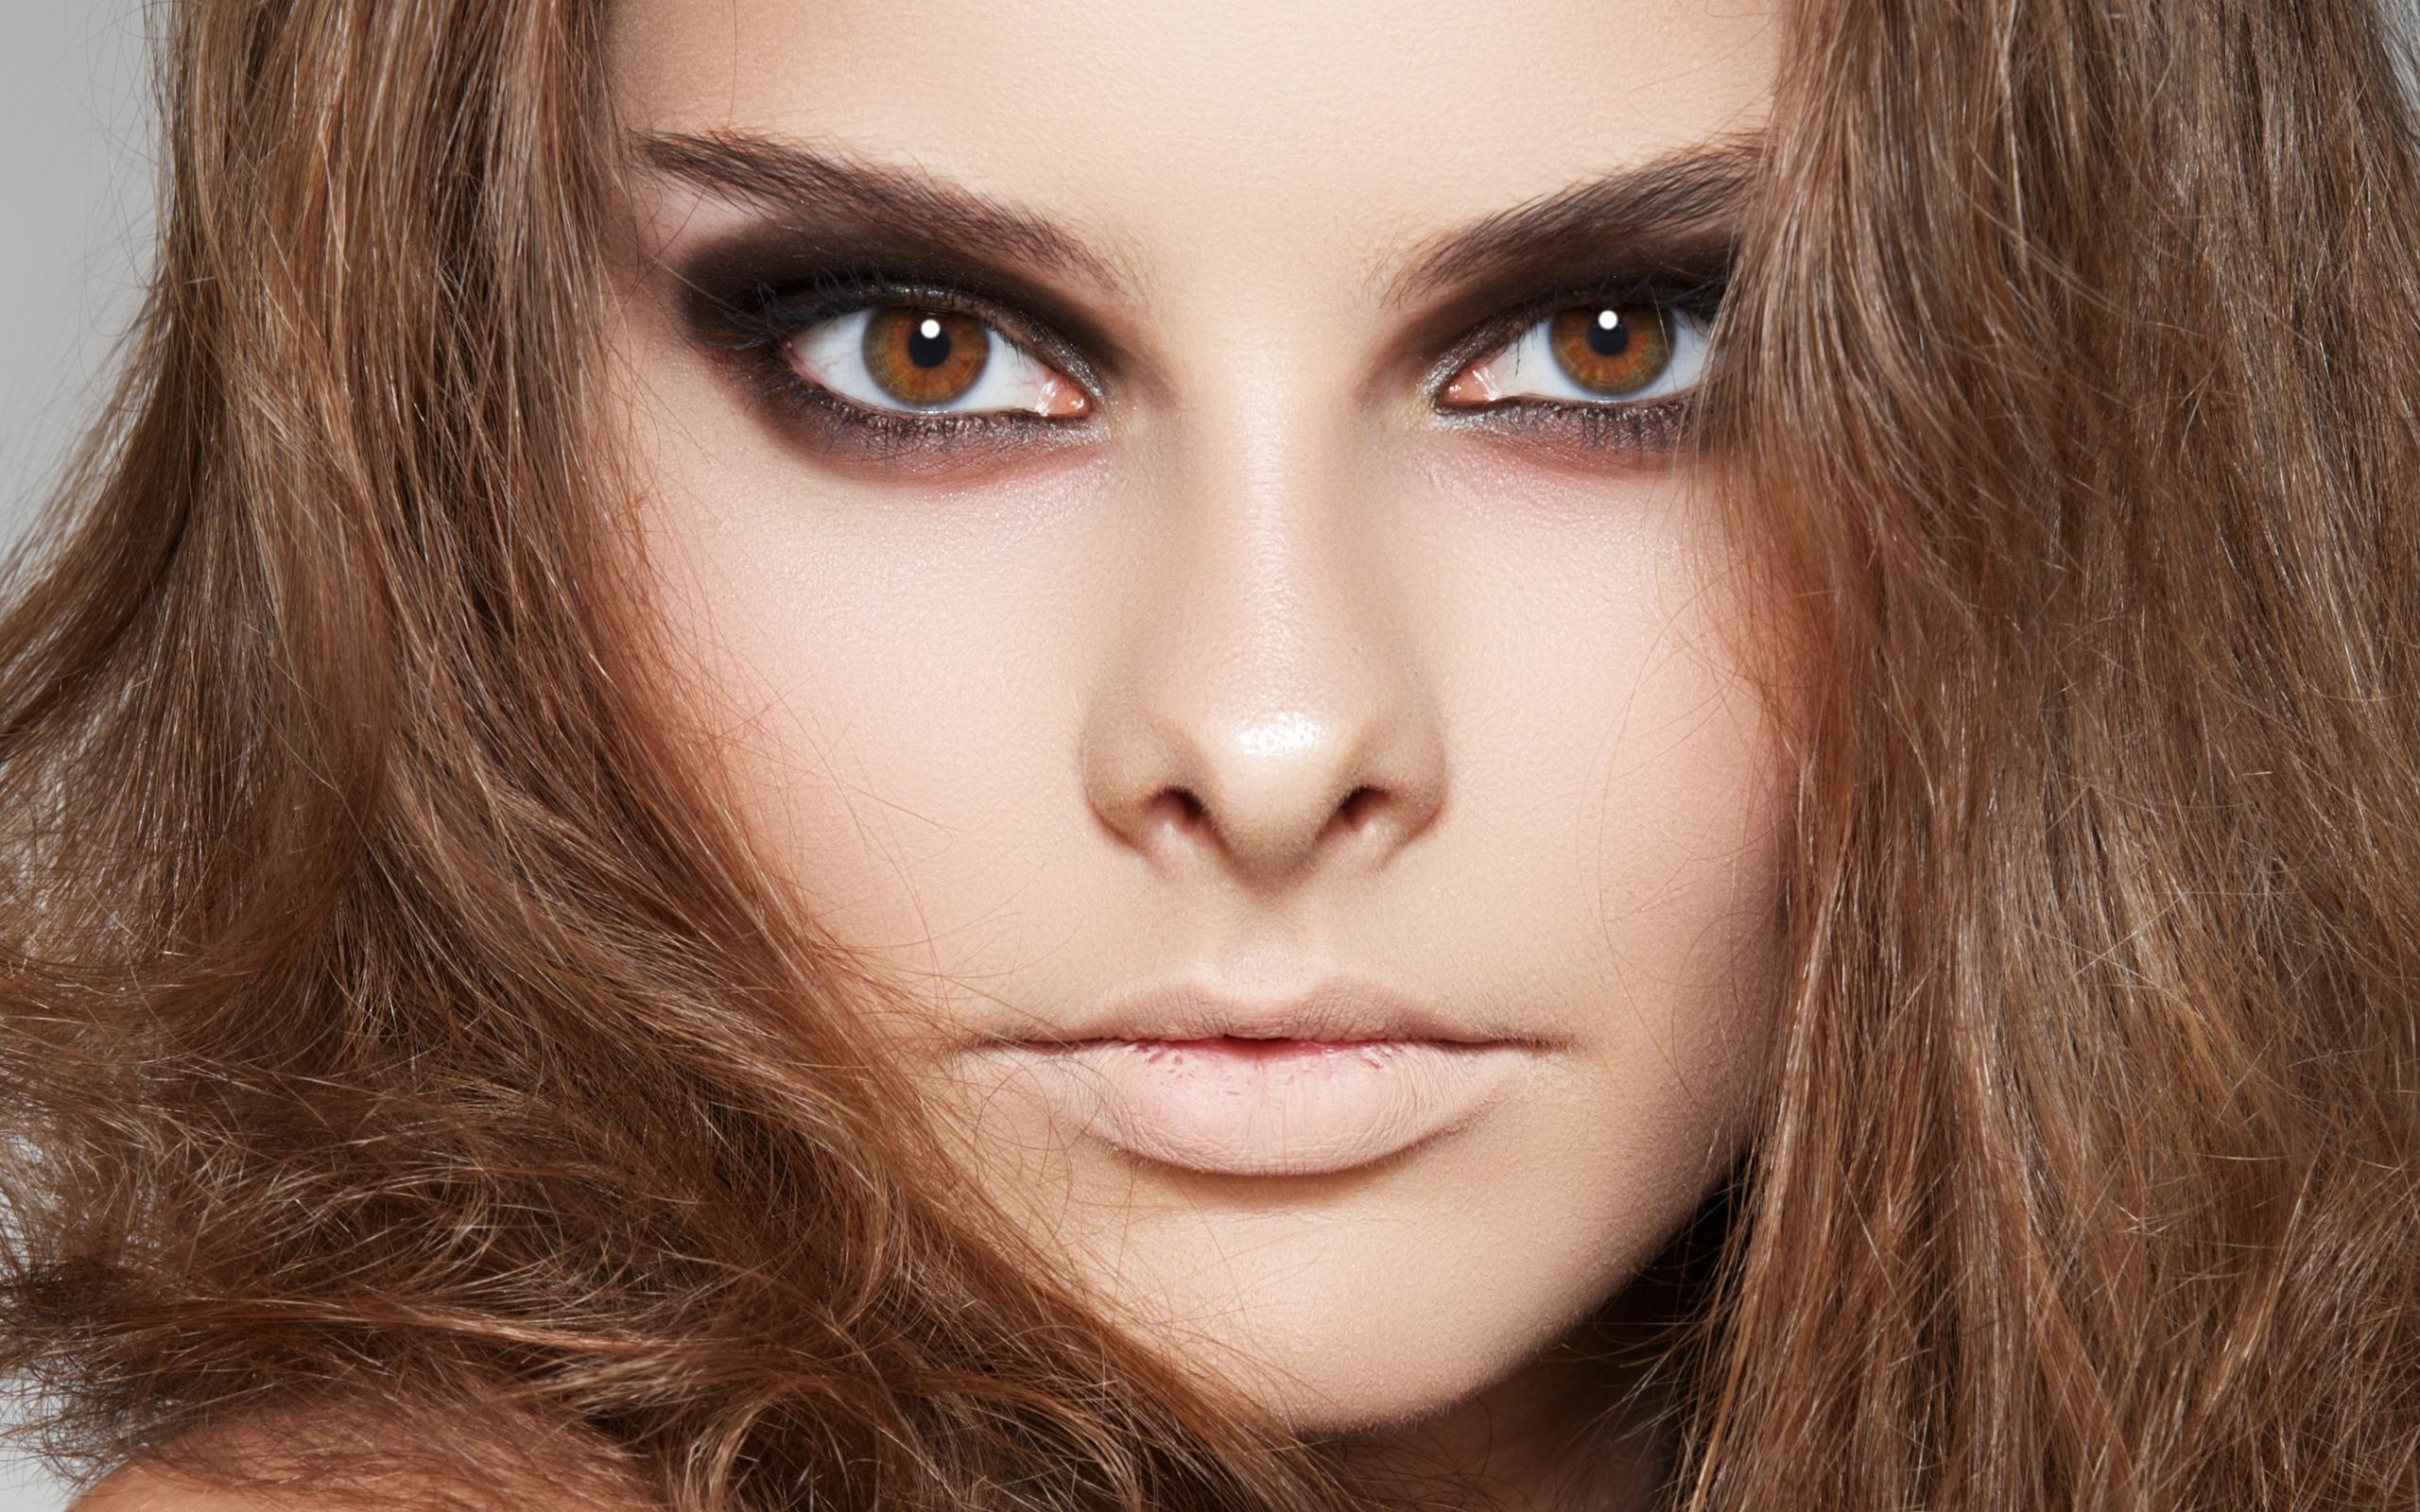 высокое качество, лицо, волосы, модель, яркий макияж, глаза